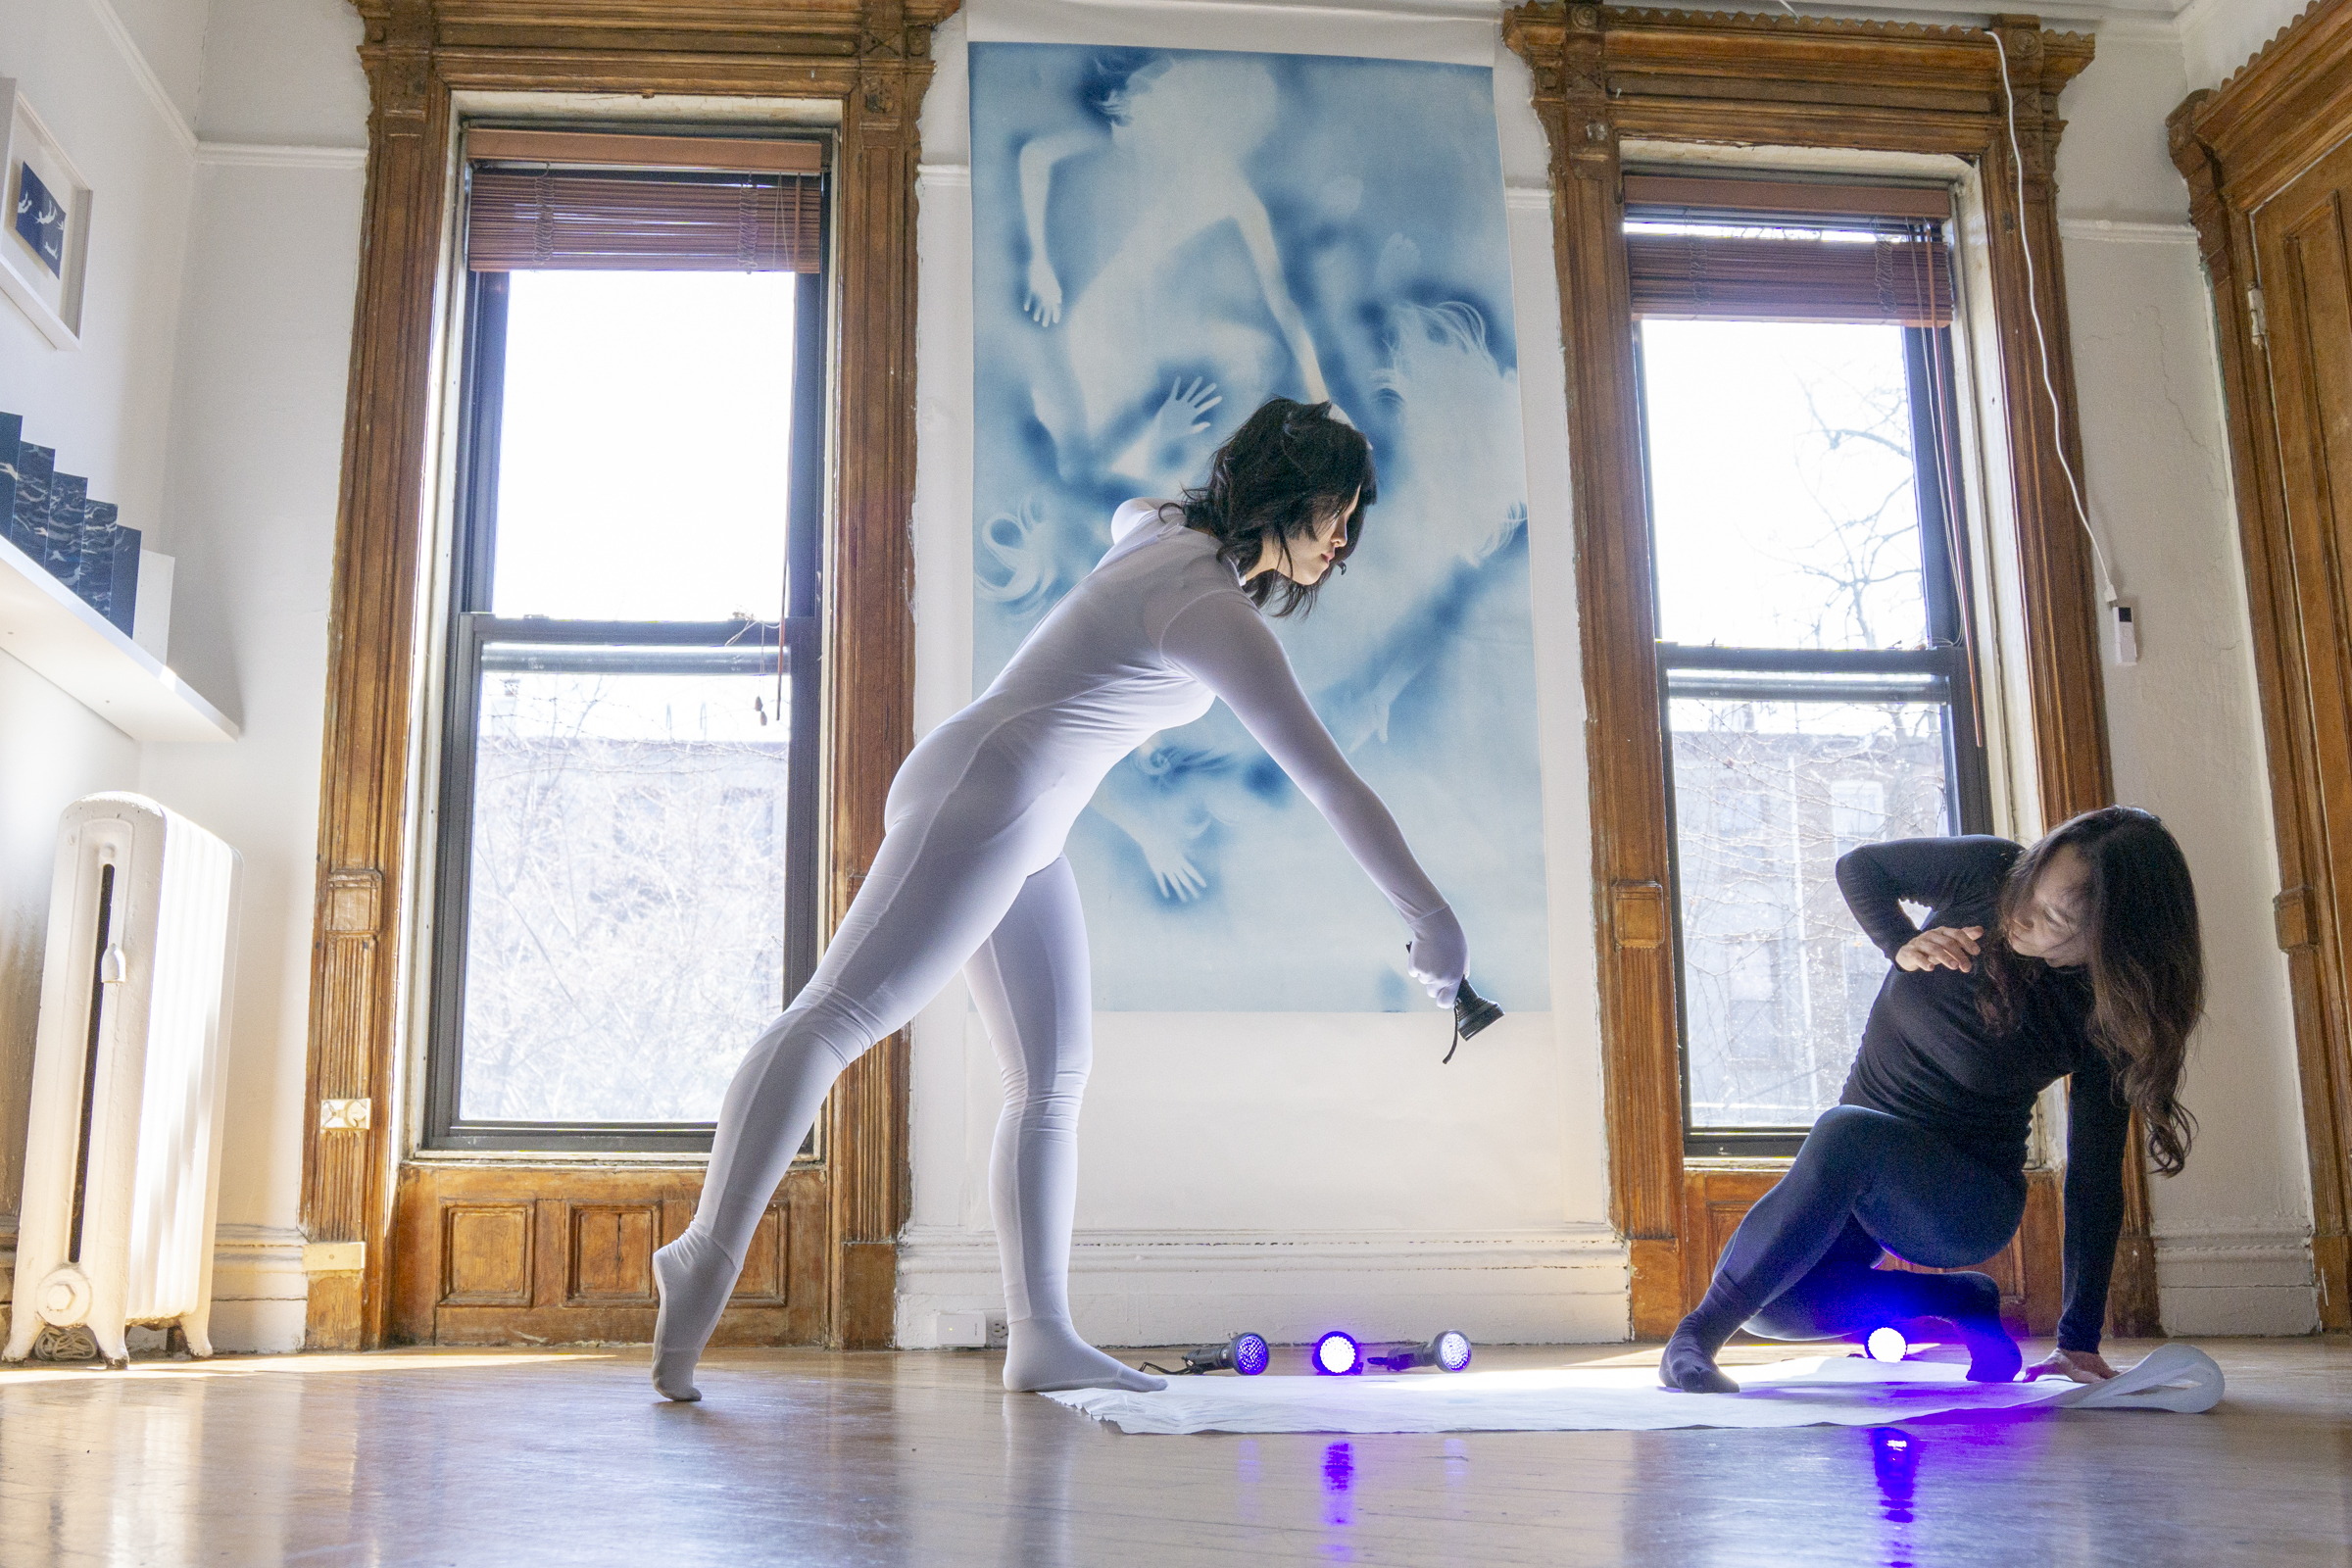 Tracking the White Shadow Performance, Performer: Izumi Ashizawa, Zhiwei Wu, ©Han Qin, photographed by JoJo Zhong, courtesy Fou Gallery.